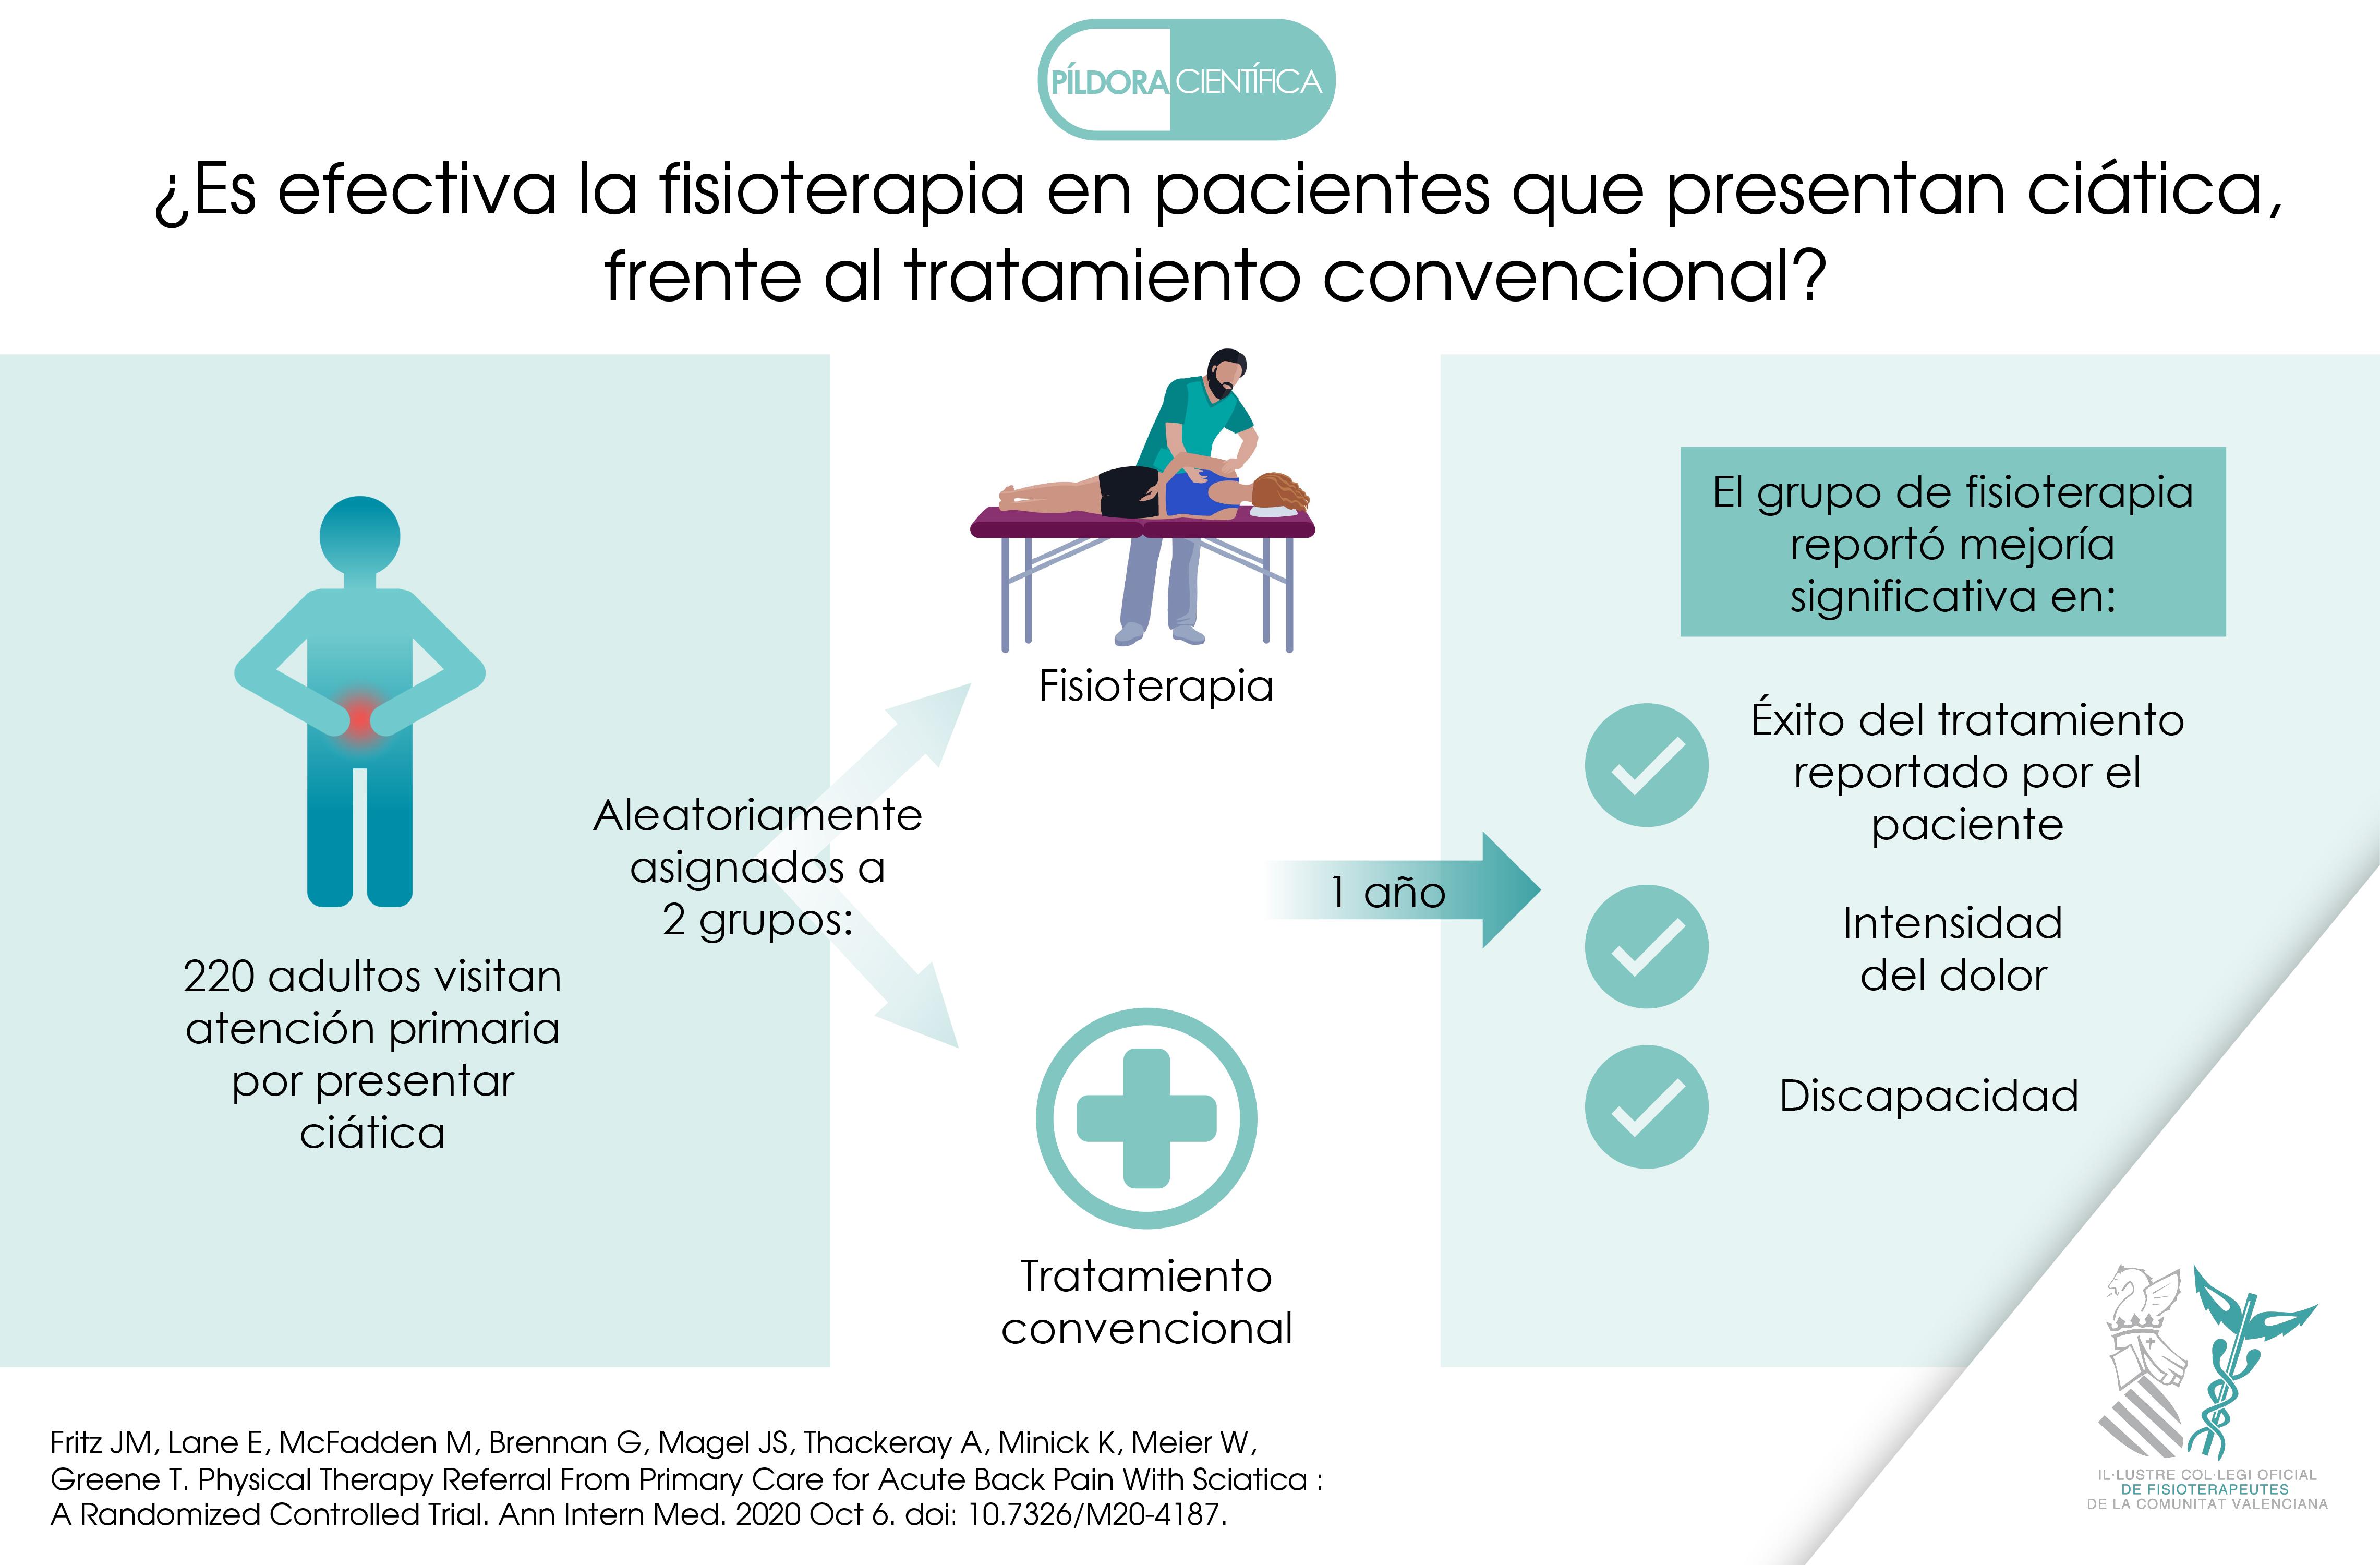 ¿Es efectiva la fisioterapia en pacientes que presentan ciática frente al tratamiento convencional?